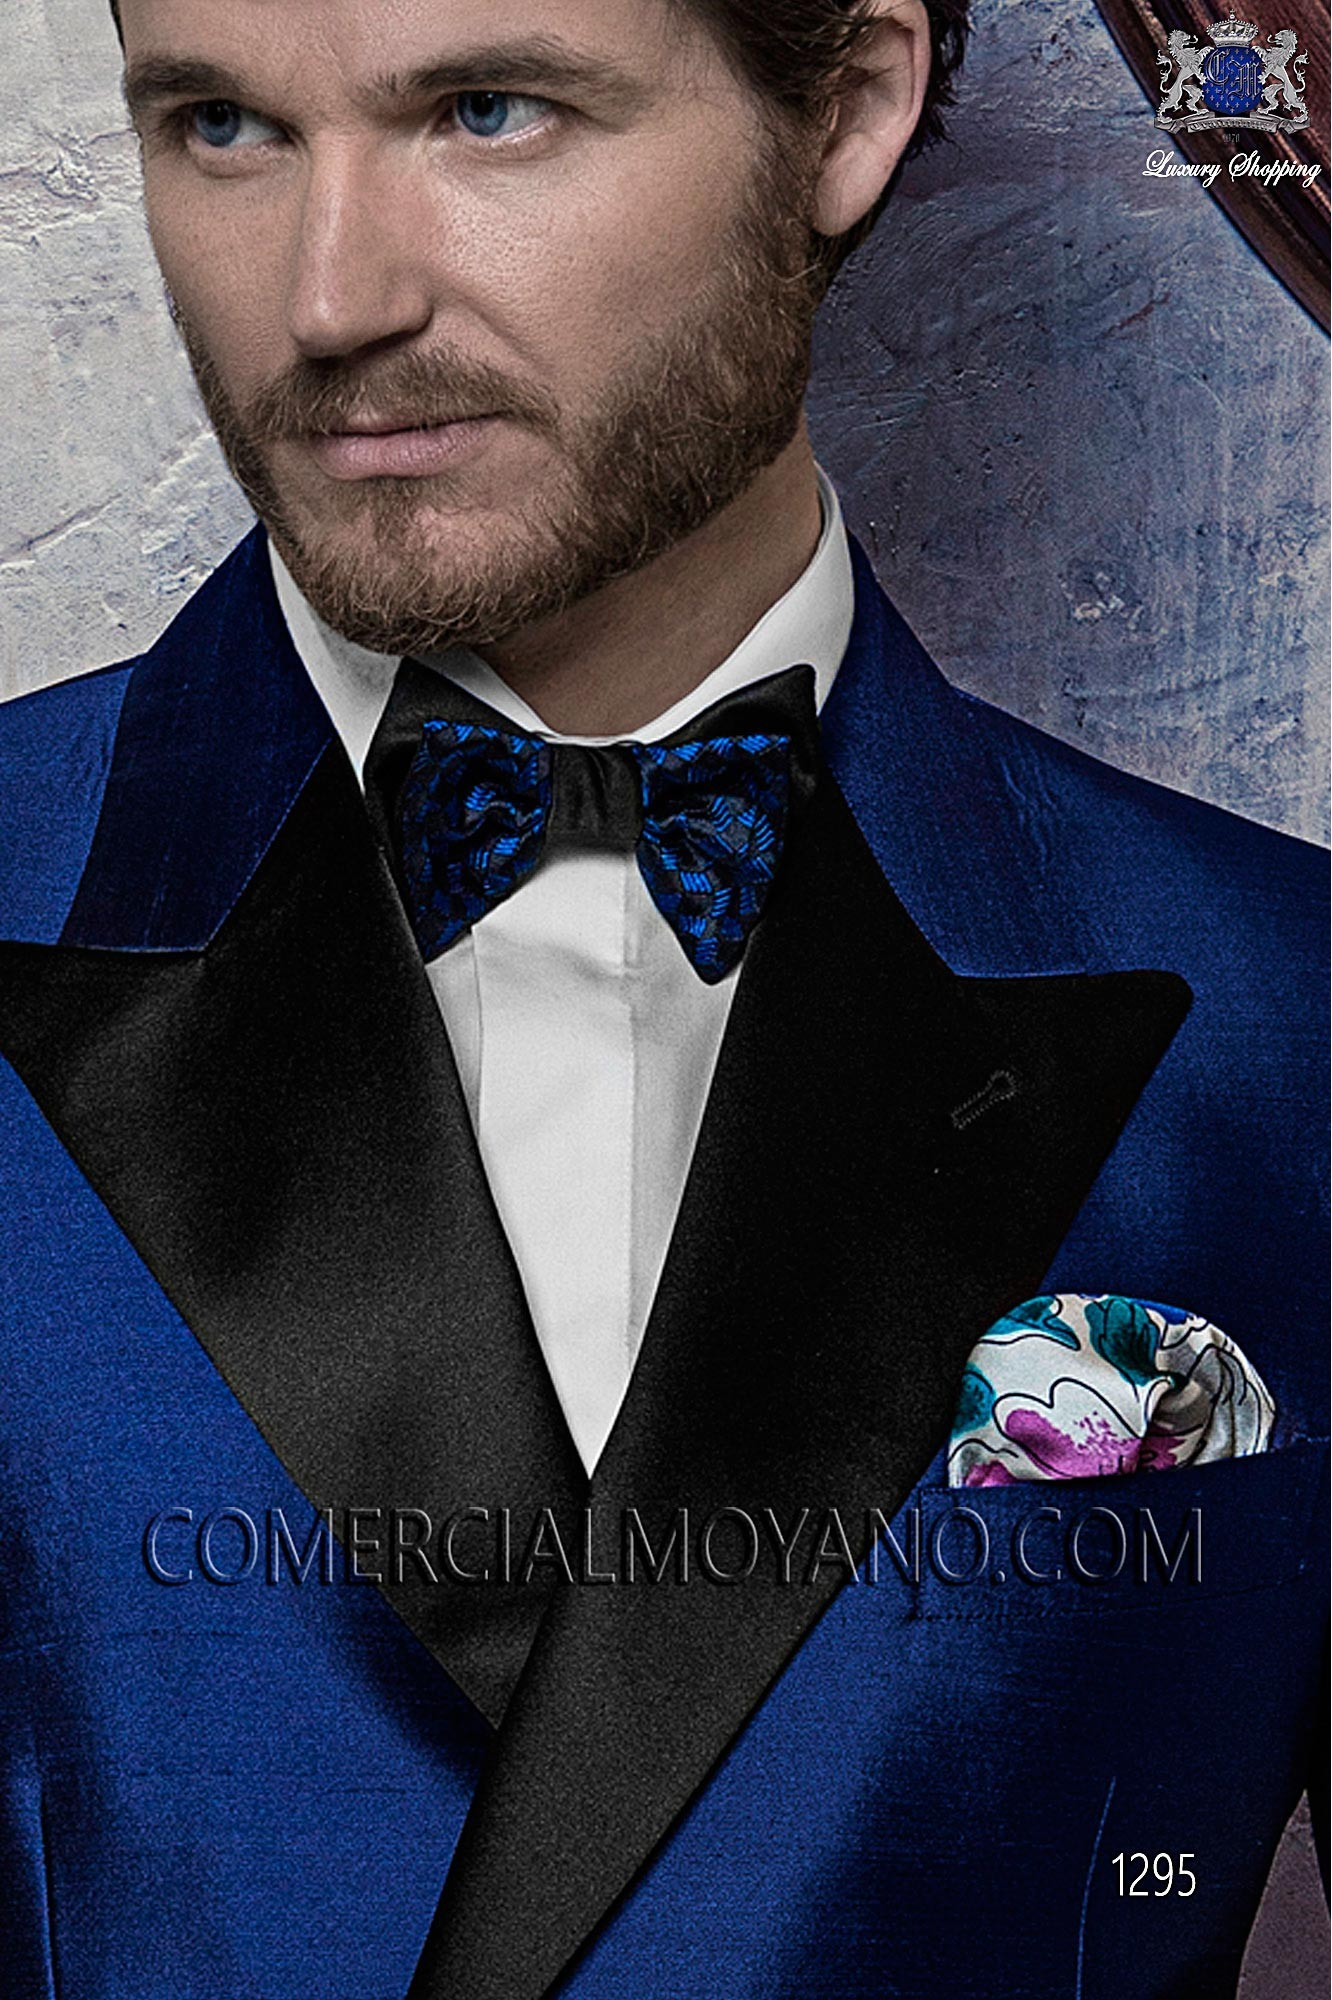 Traje BlackTie de novio azul modelo: 1295 Ottavio Nuccio Gala colección Black Tie 2017